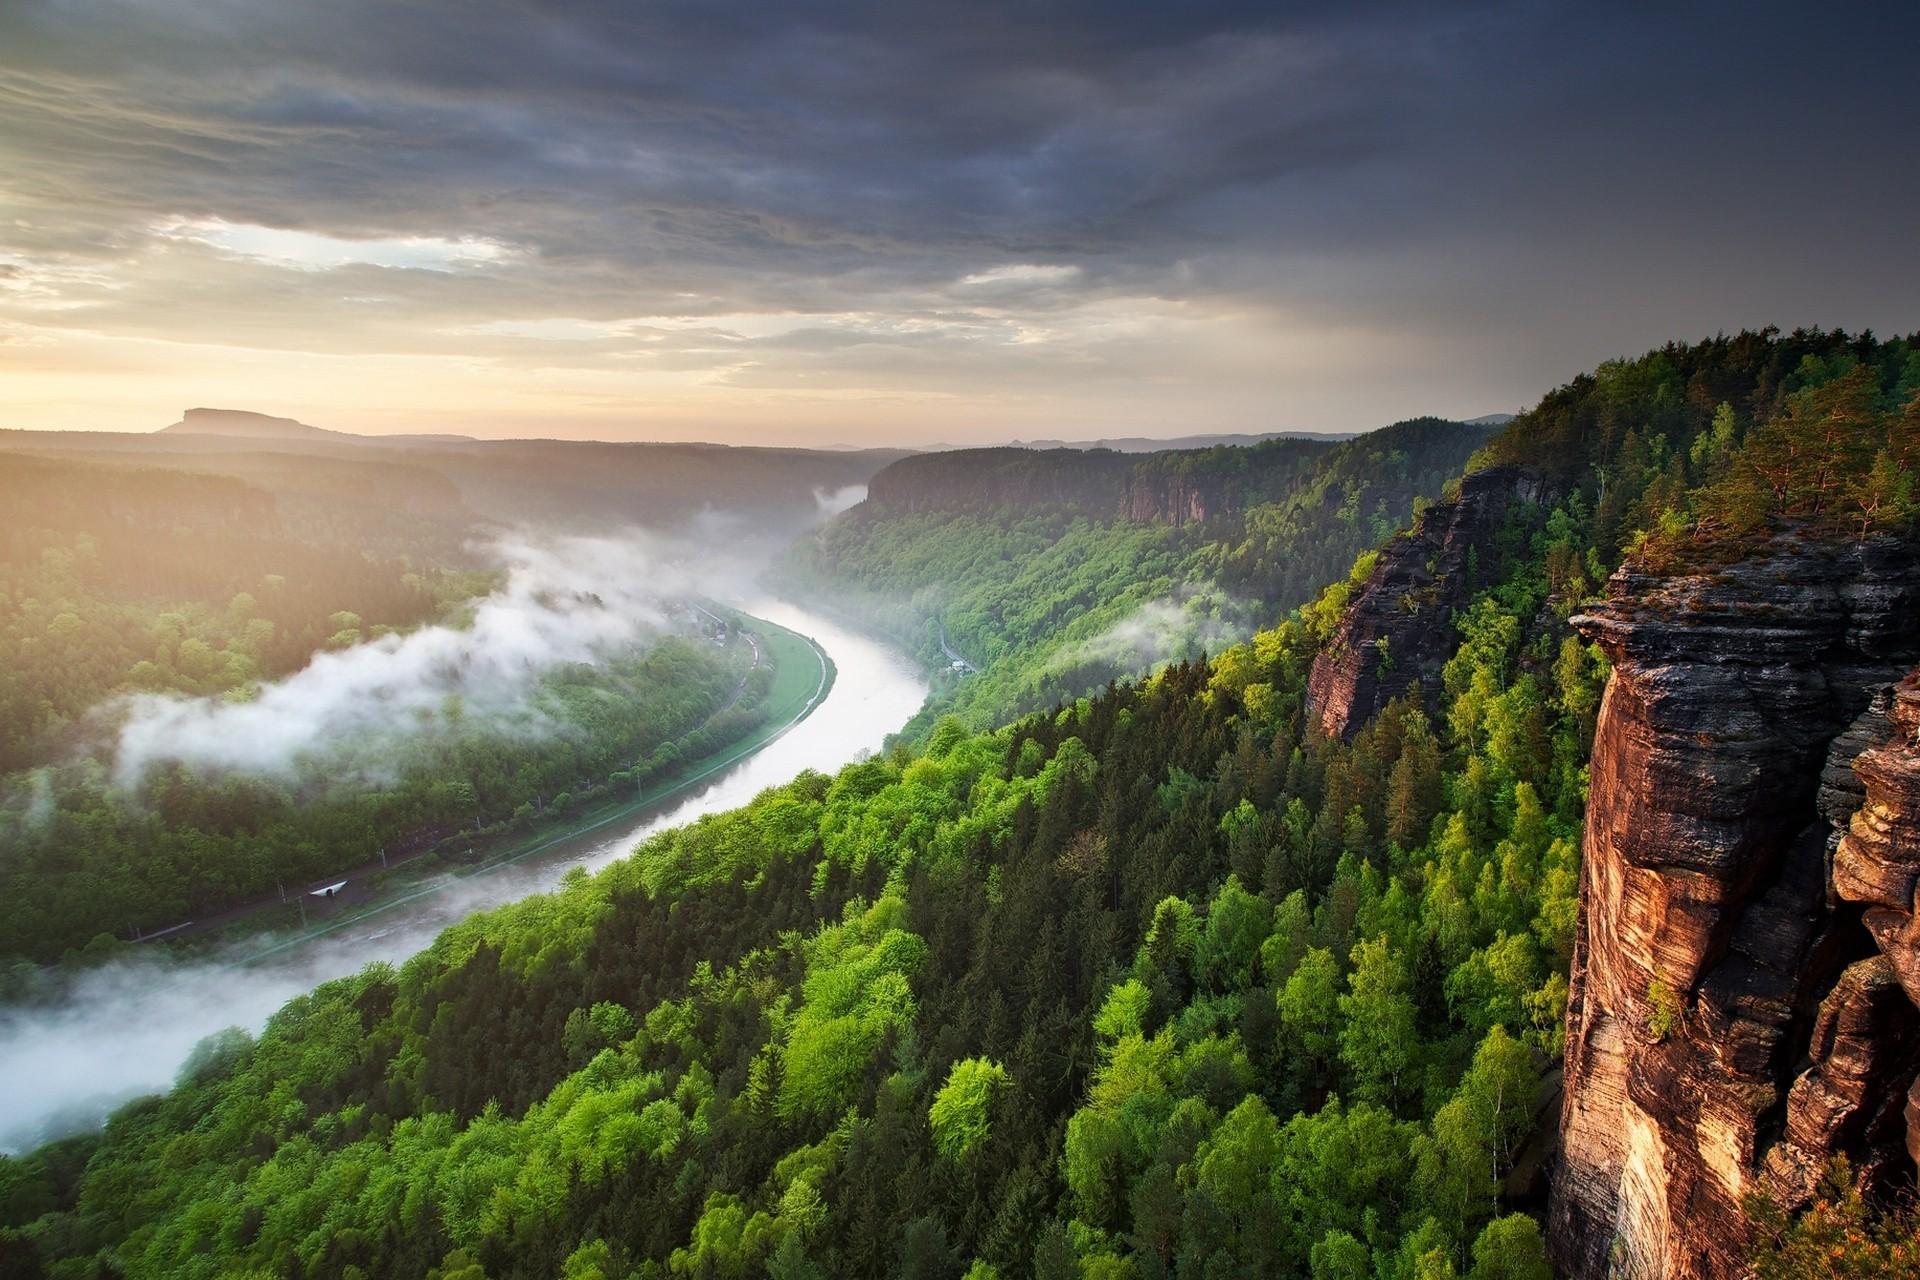 кудухов российский красивые фото реки над обрывом него особое